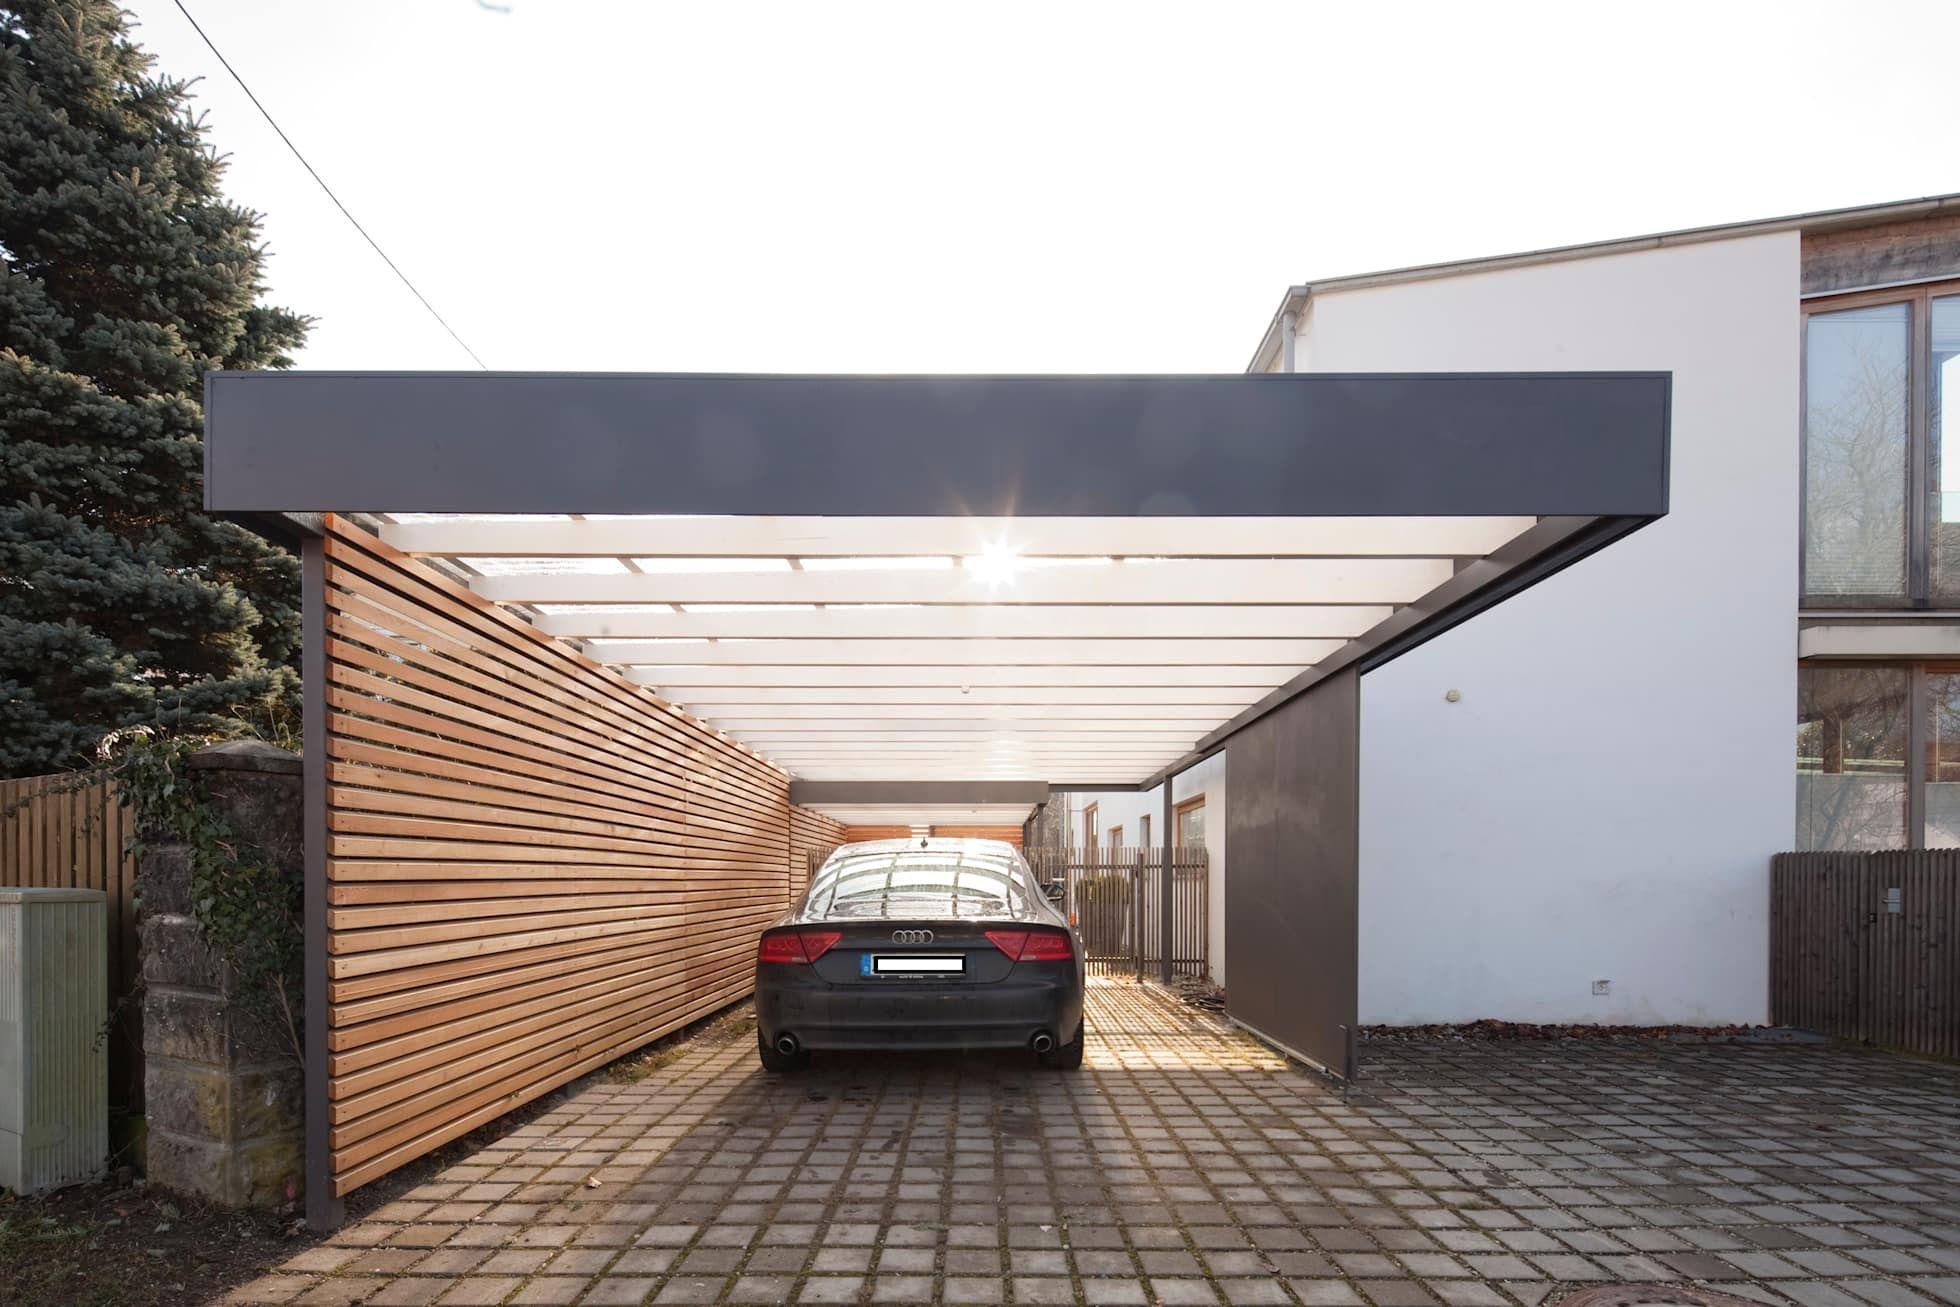 Carport Moderne Garage Schuppen Von Architekt Armin Hagele Carport Modern Moderne Garage Garage Dekorieren